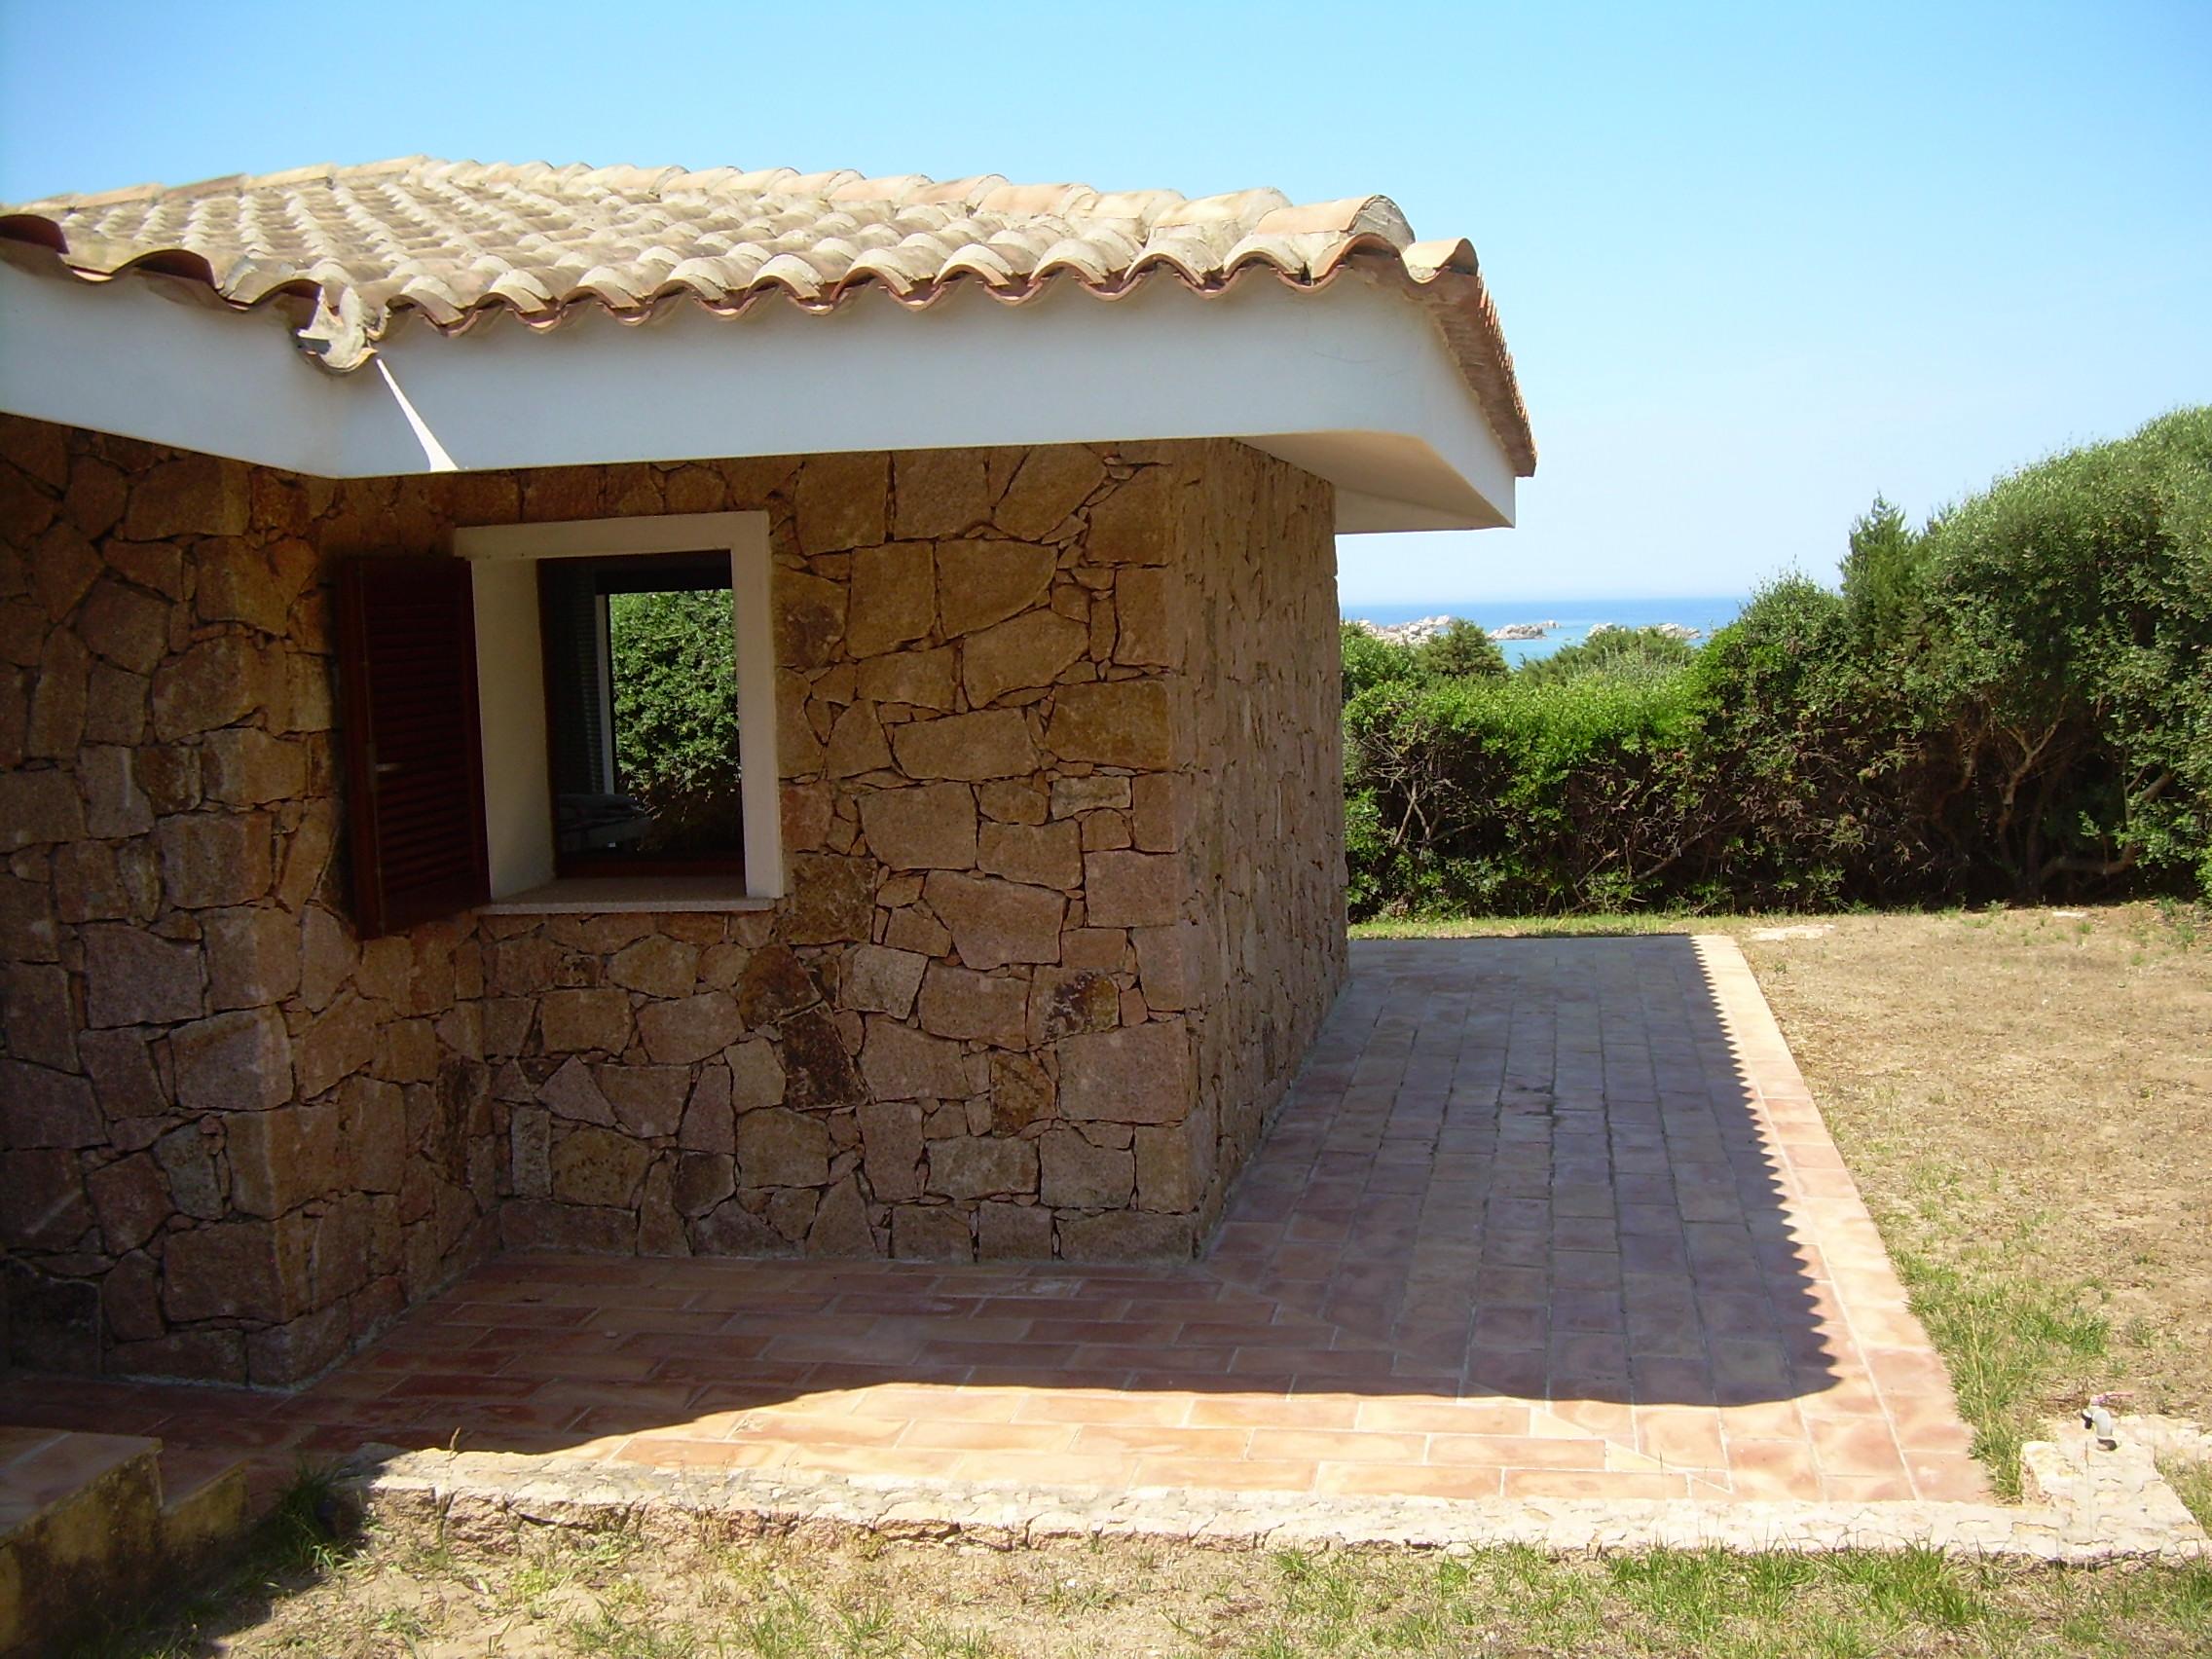 Case Di Pietra Sardegna : Sardegna digitallibrary immagini lollove antica casa in pietra